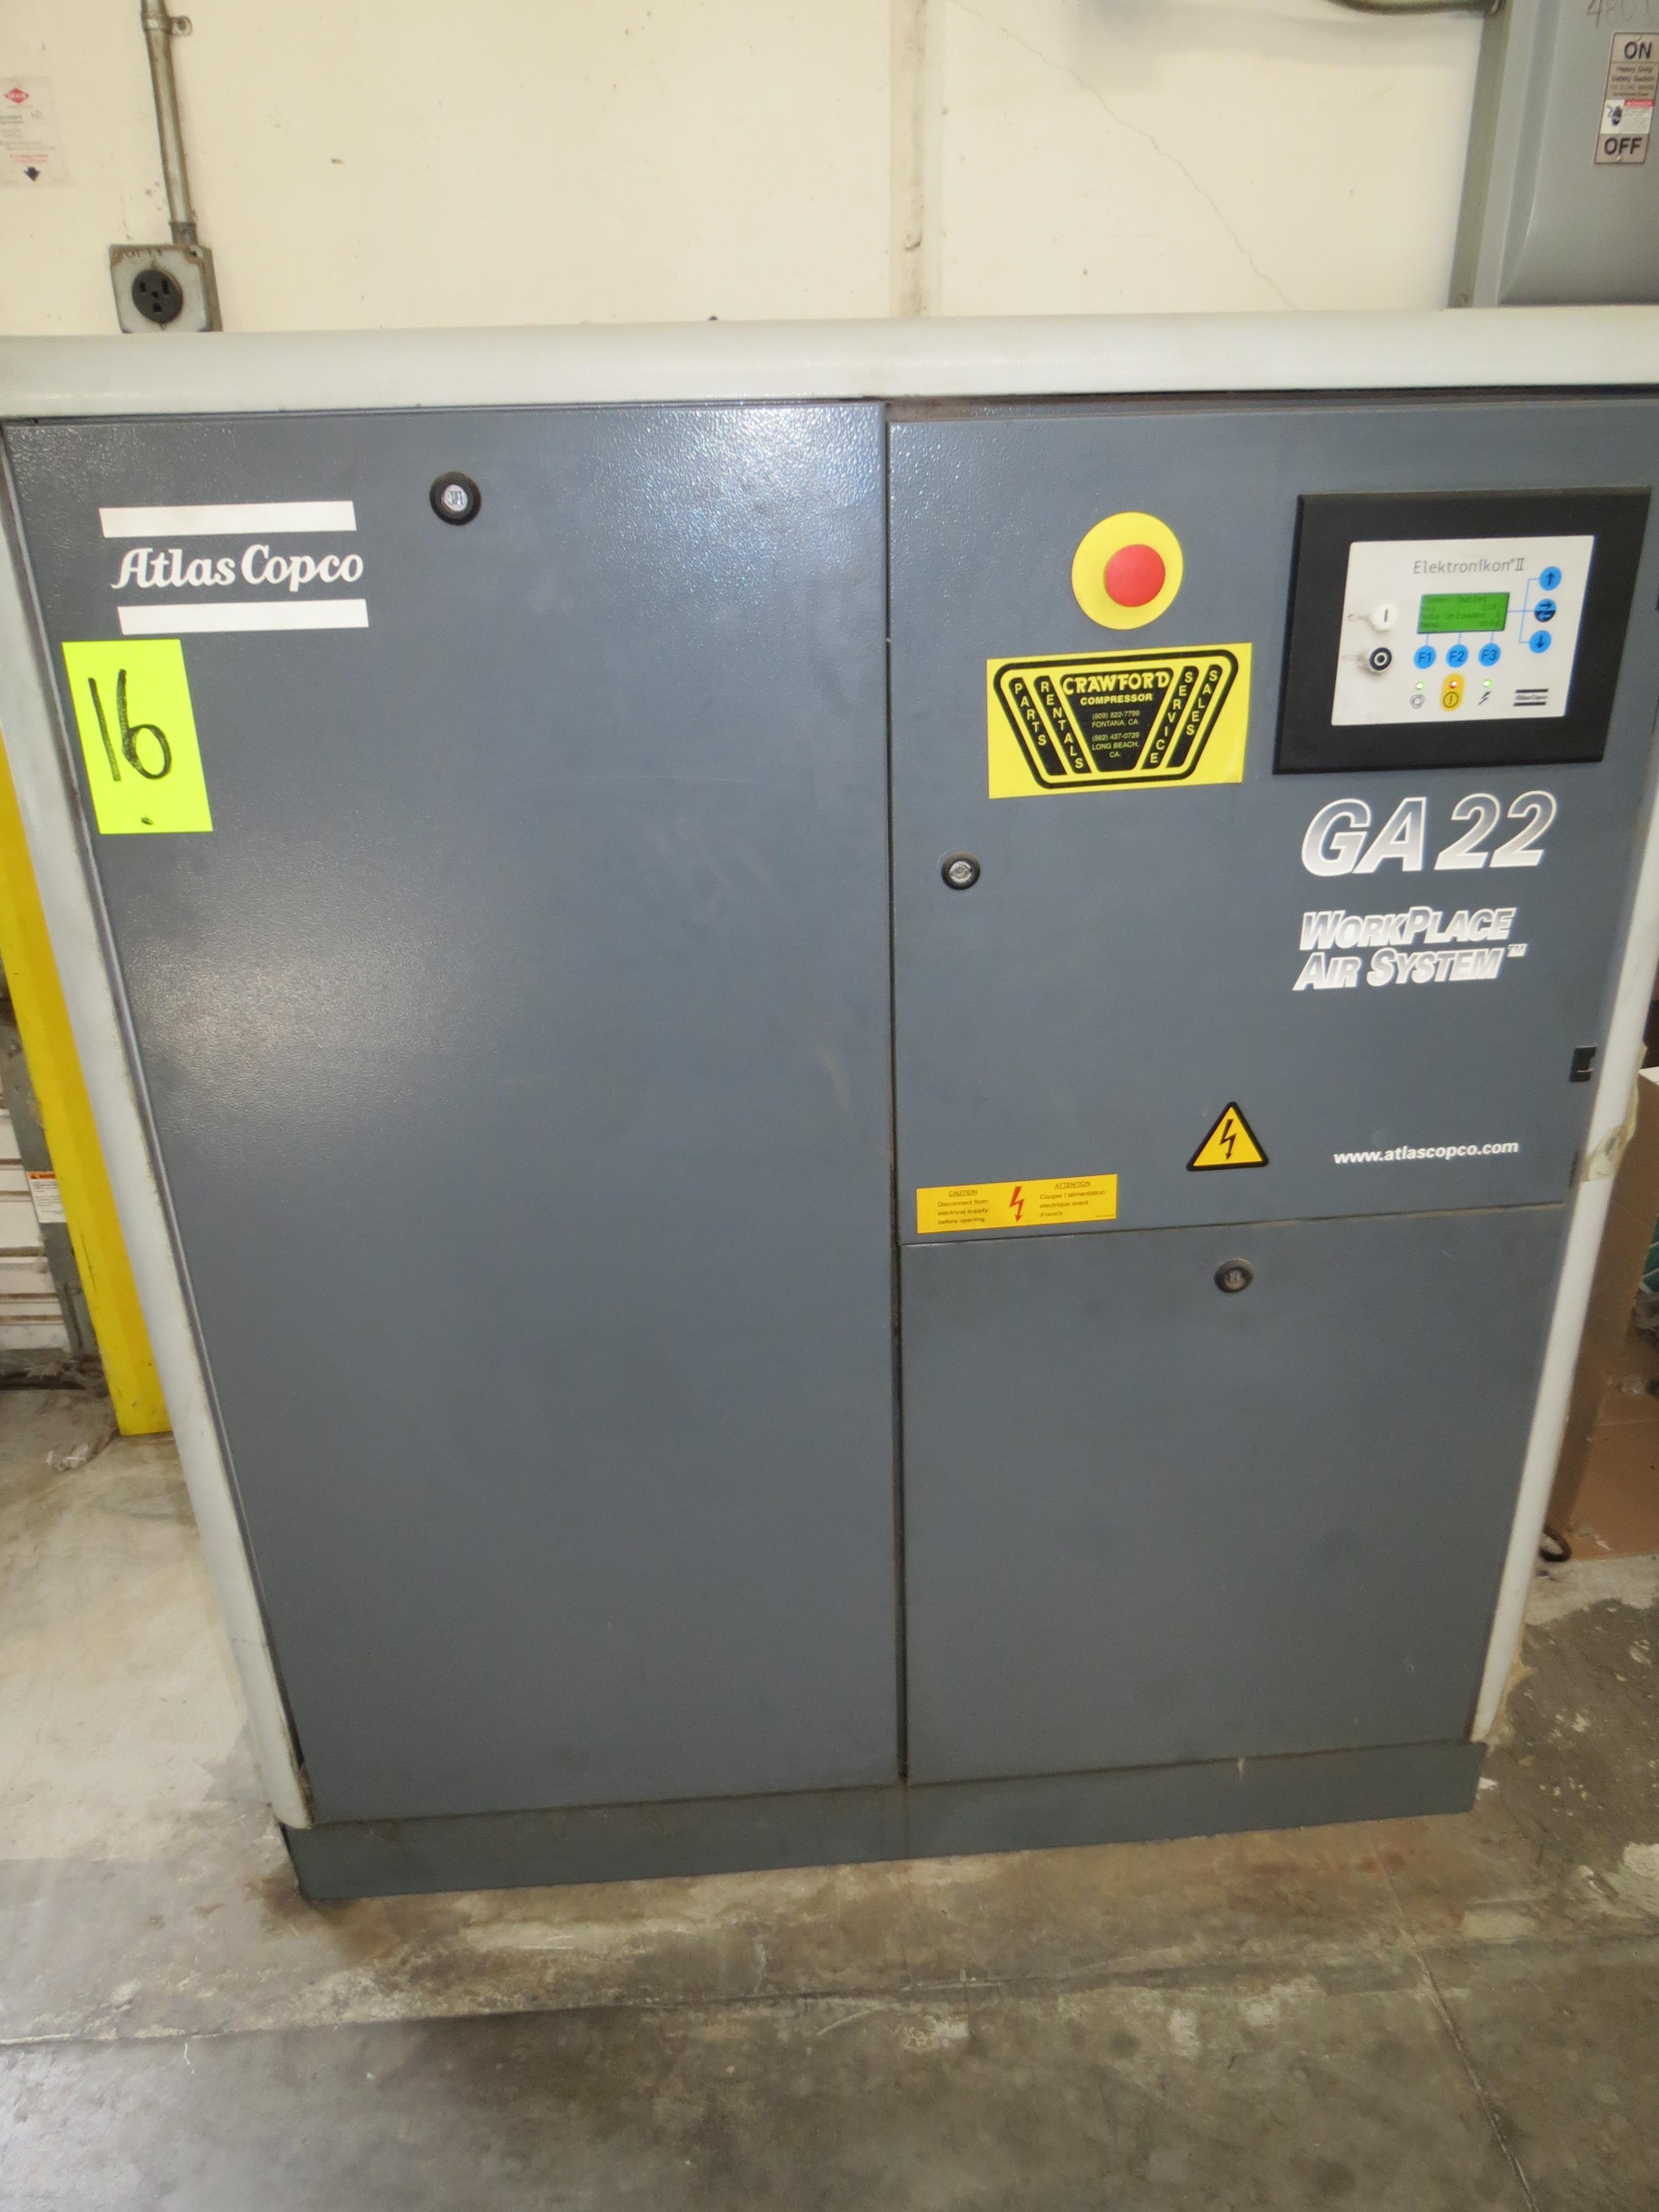 Atlas Copo GA22, 30HP,Main Air Compressor, 480V, SN:API292017